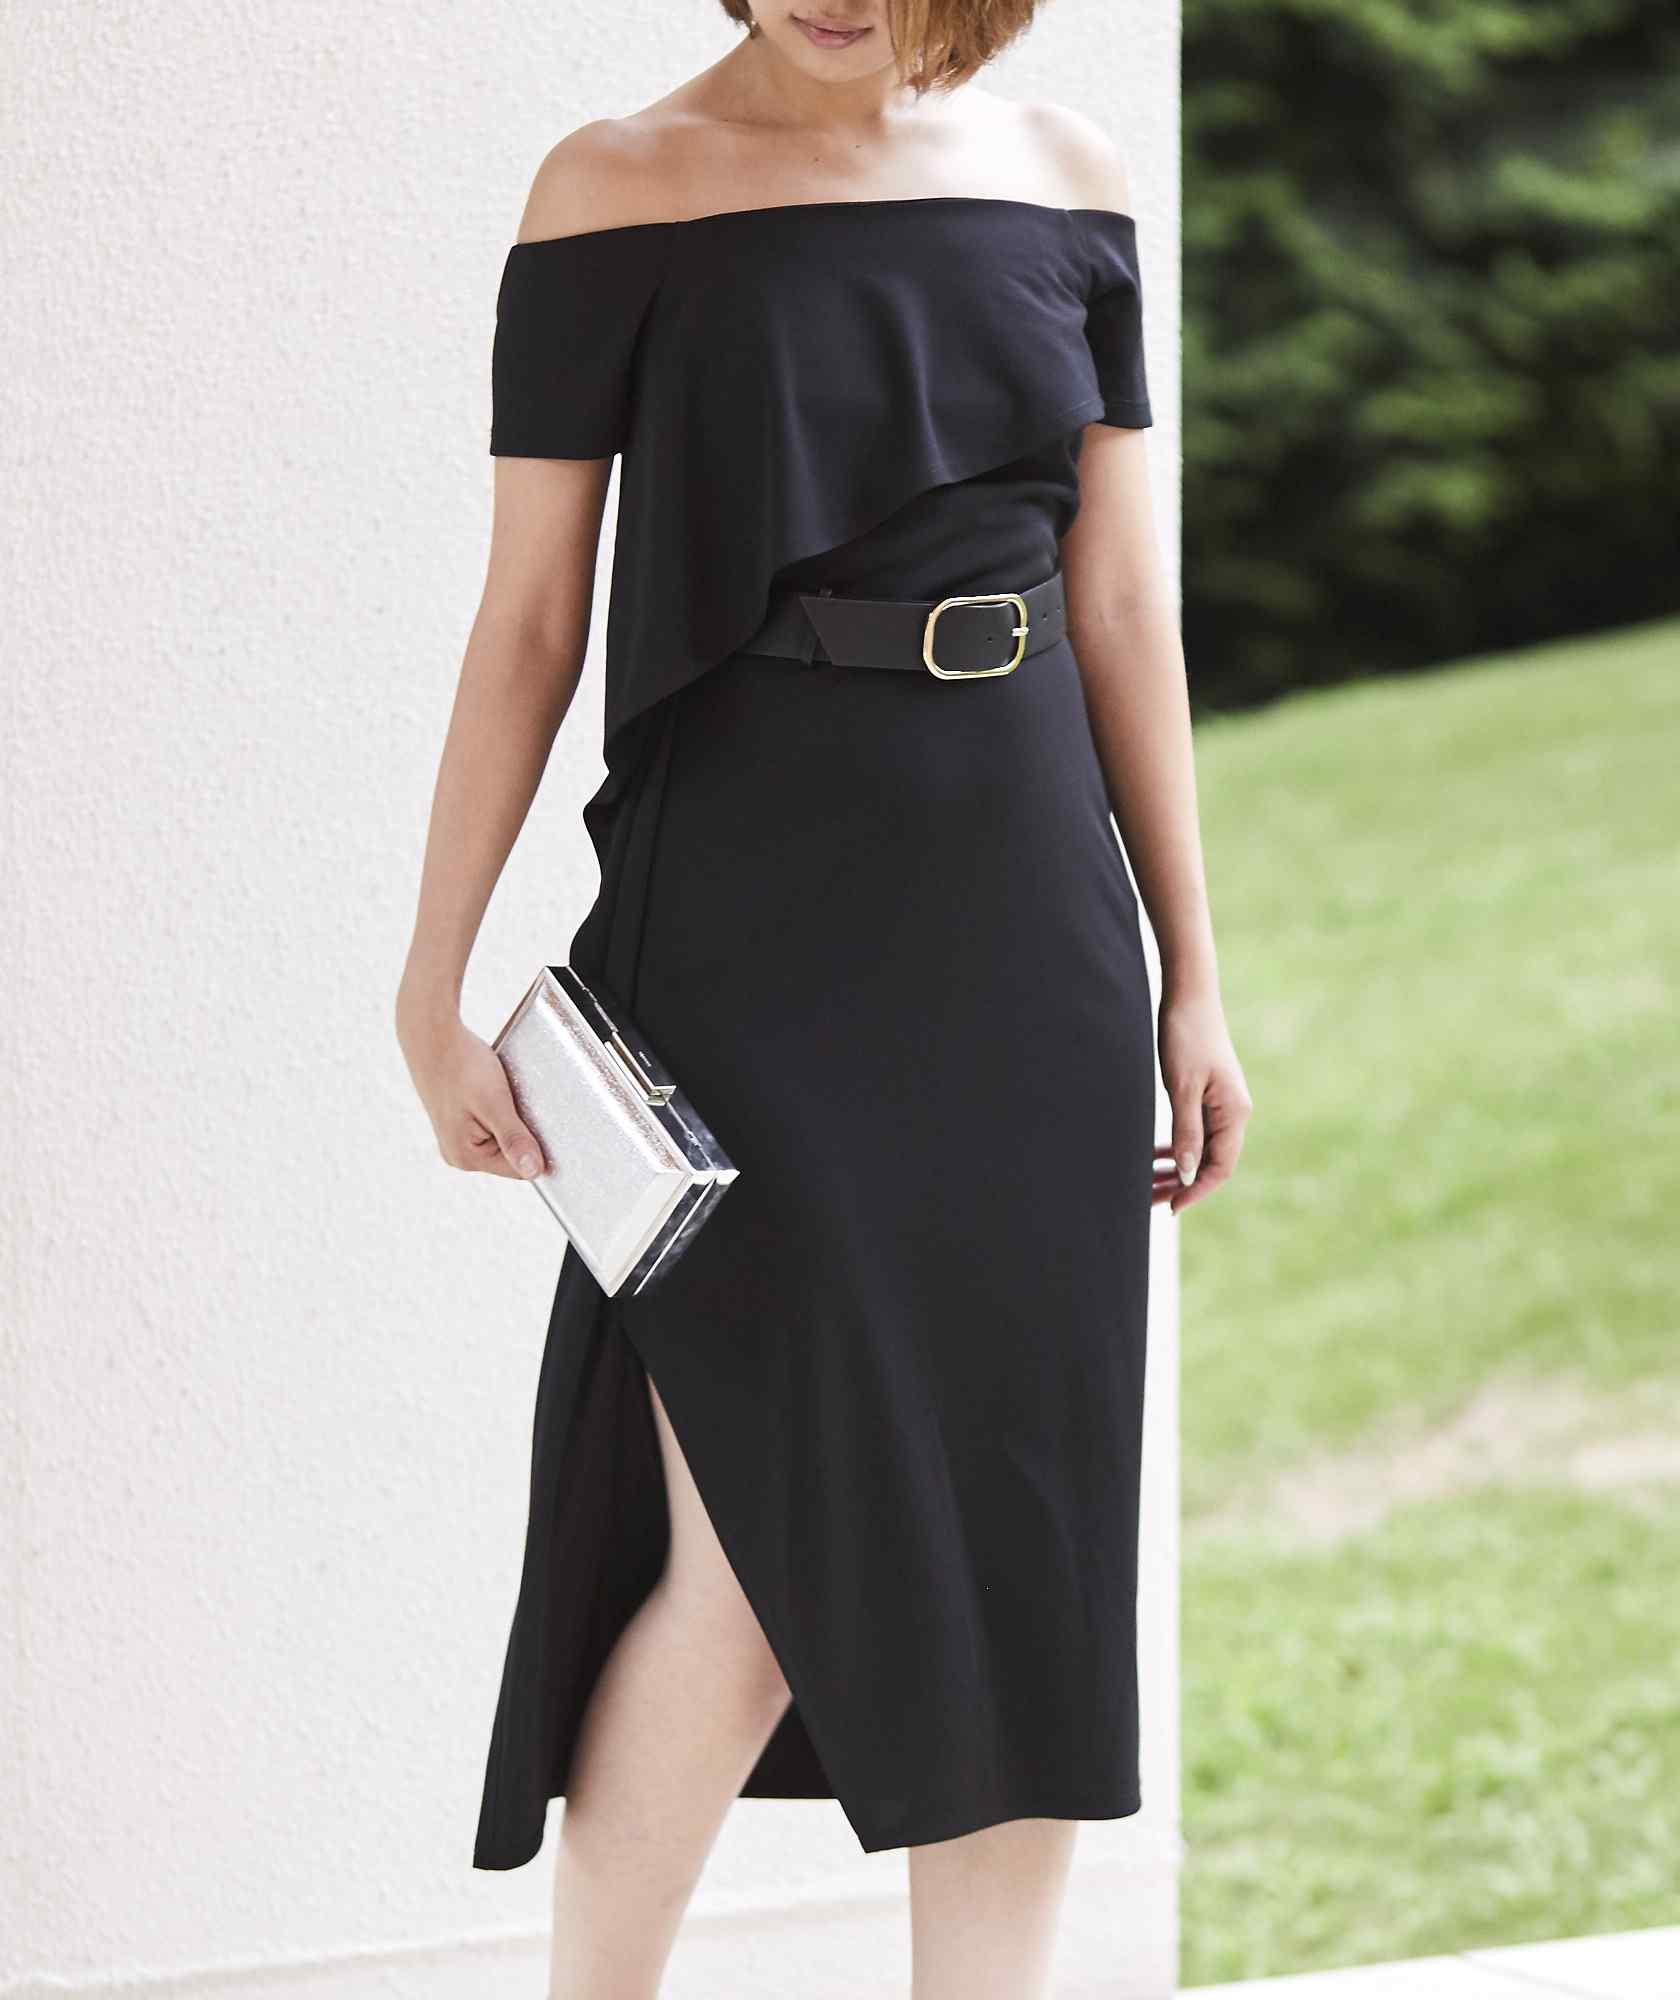 オフショルダーベルトマークミディアムドレス―ブラック-ブラック-S